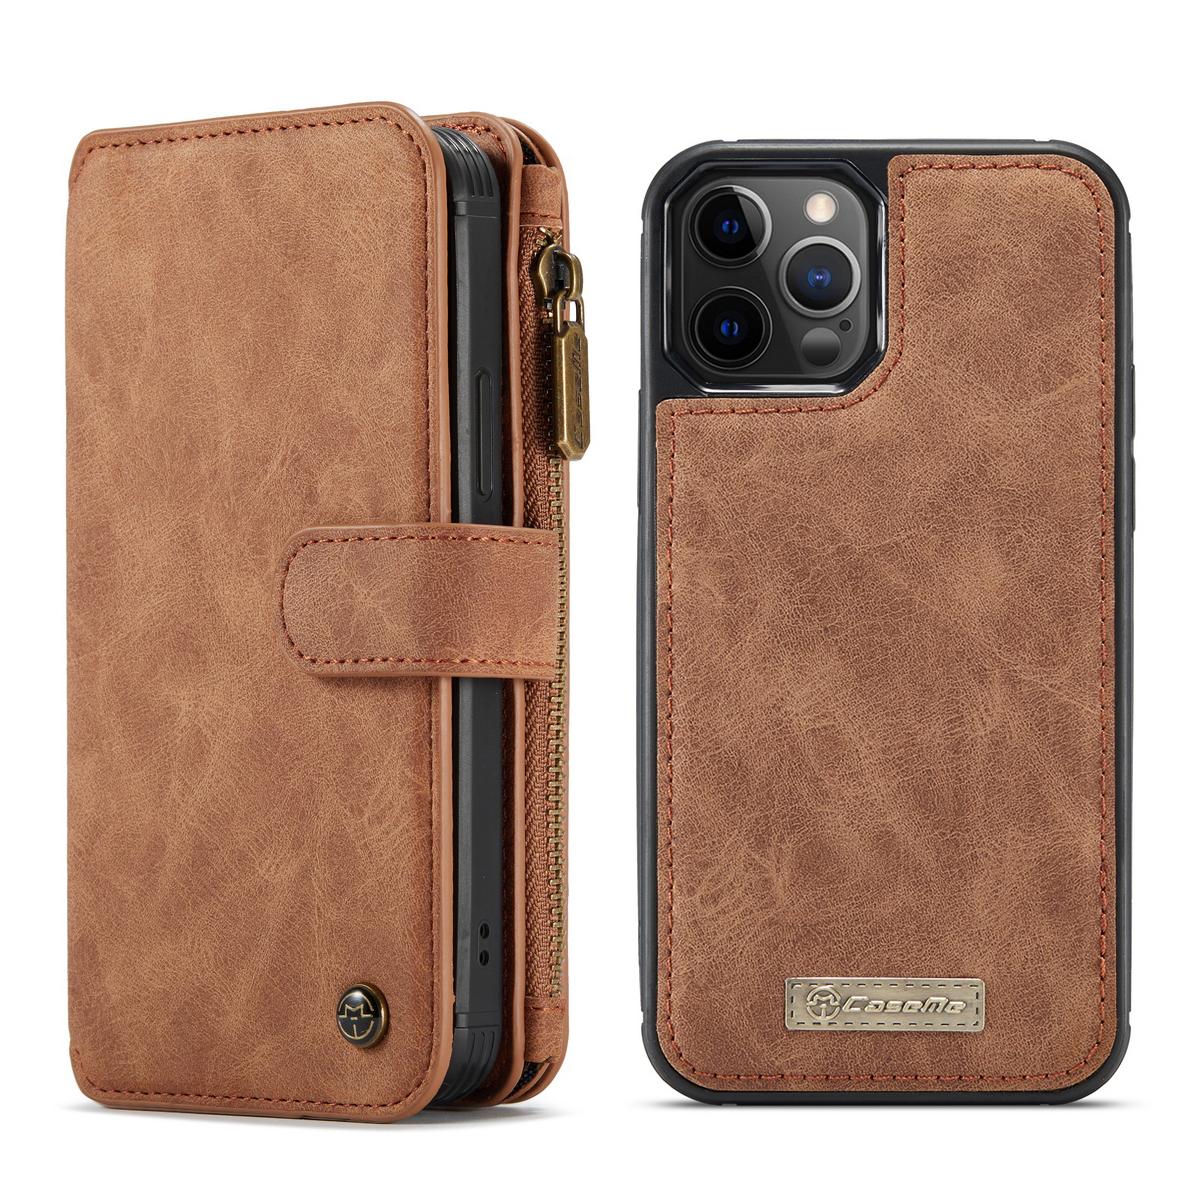 CaseMe läderfodral med magnetskal, iPhone 12 Pro Max, brun